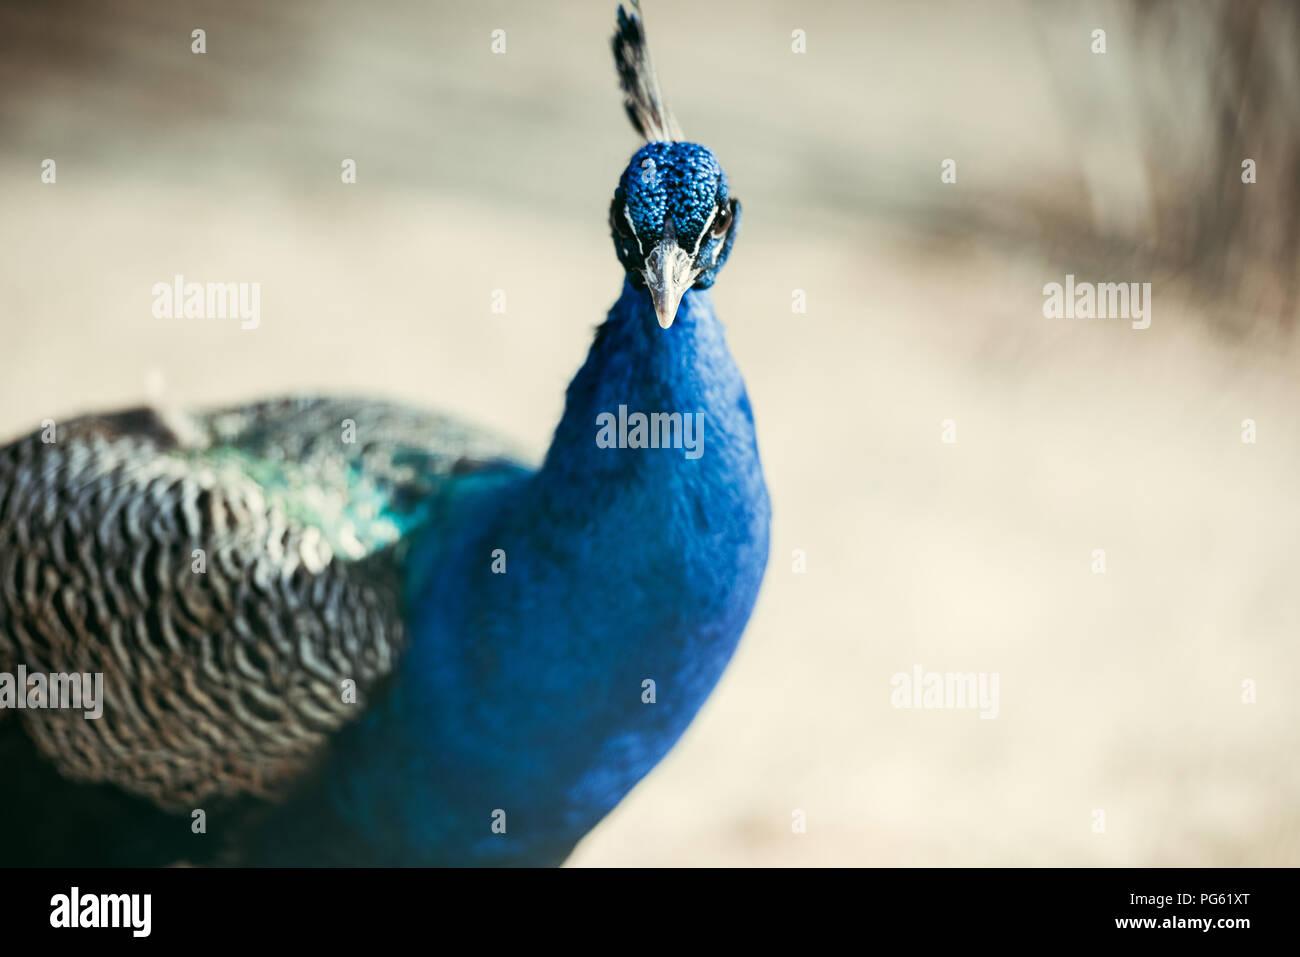 Nahaufnahme Blick auf den wunderschönen Peacock mit bunten Federn im Zoo Stockbild